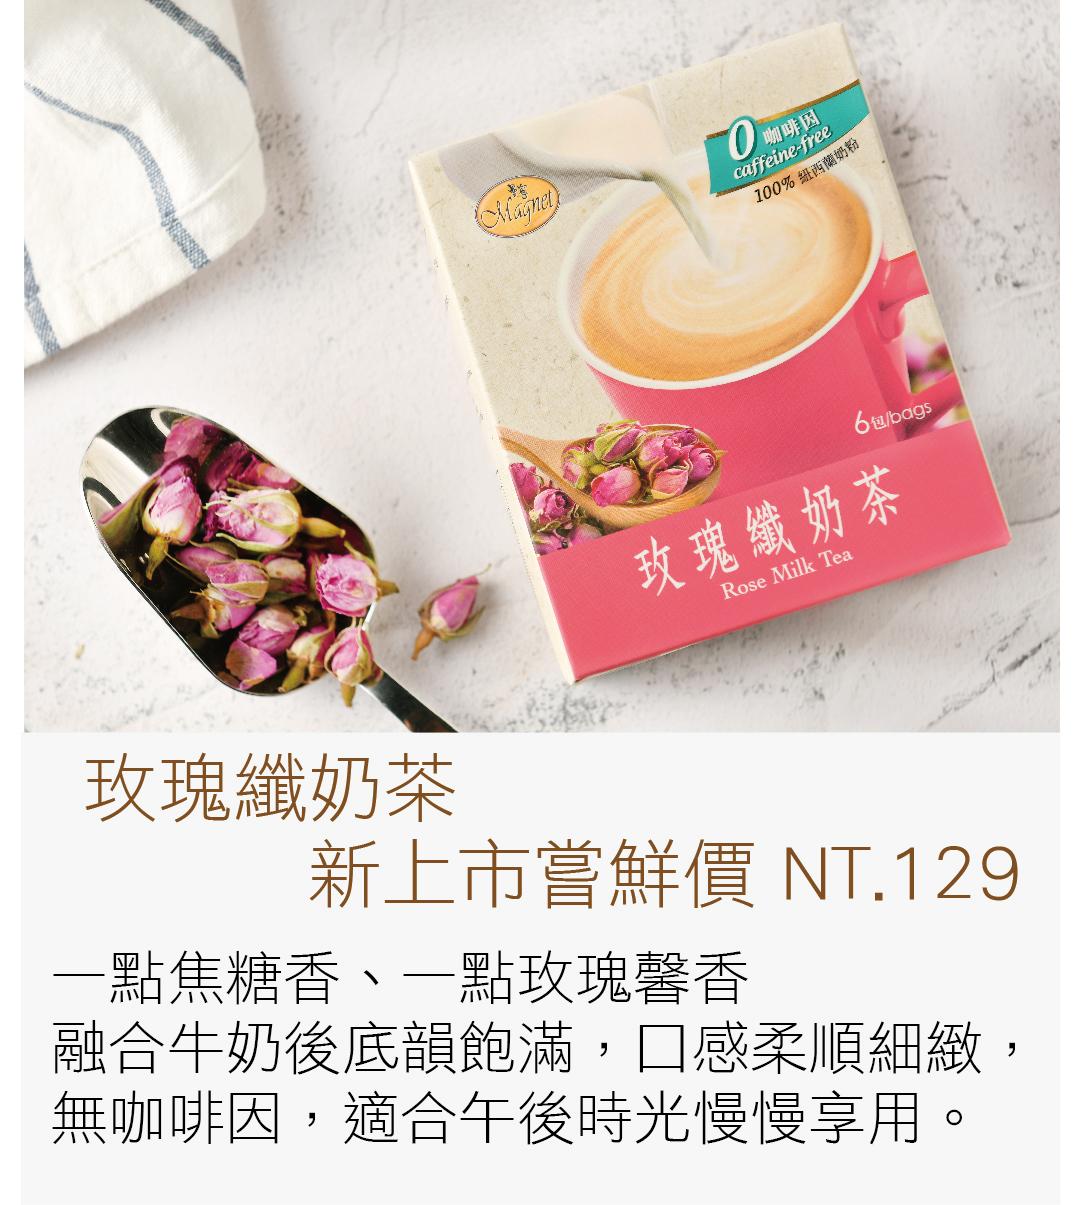 玫瑰纖奶茶